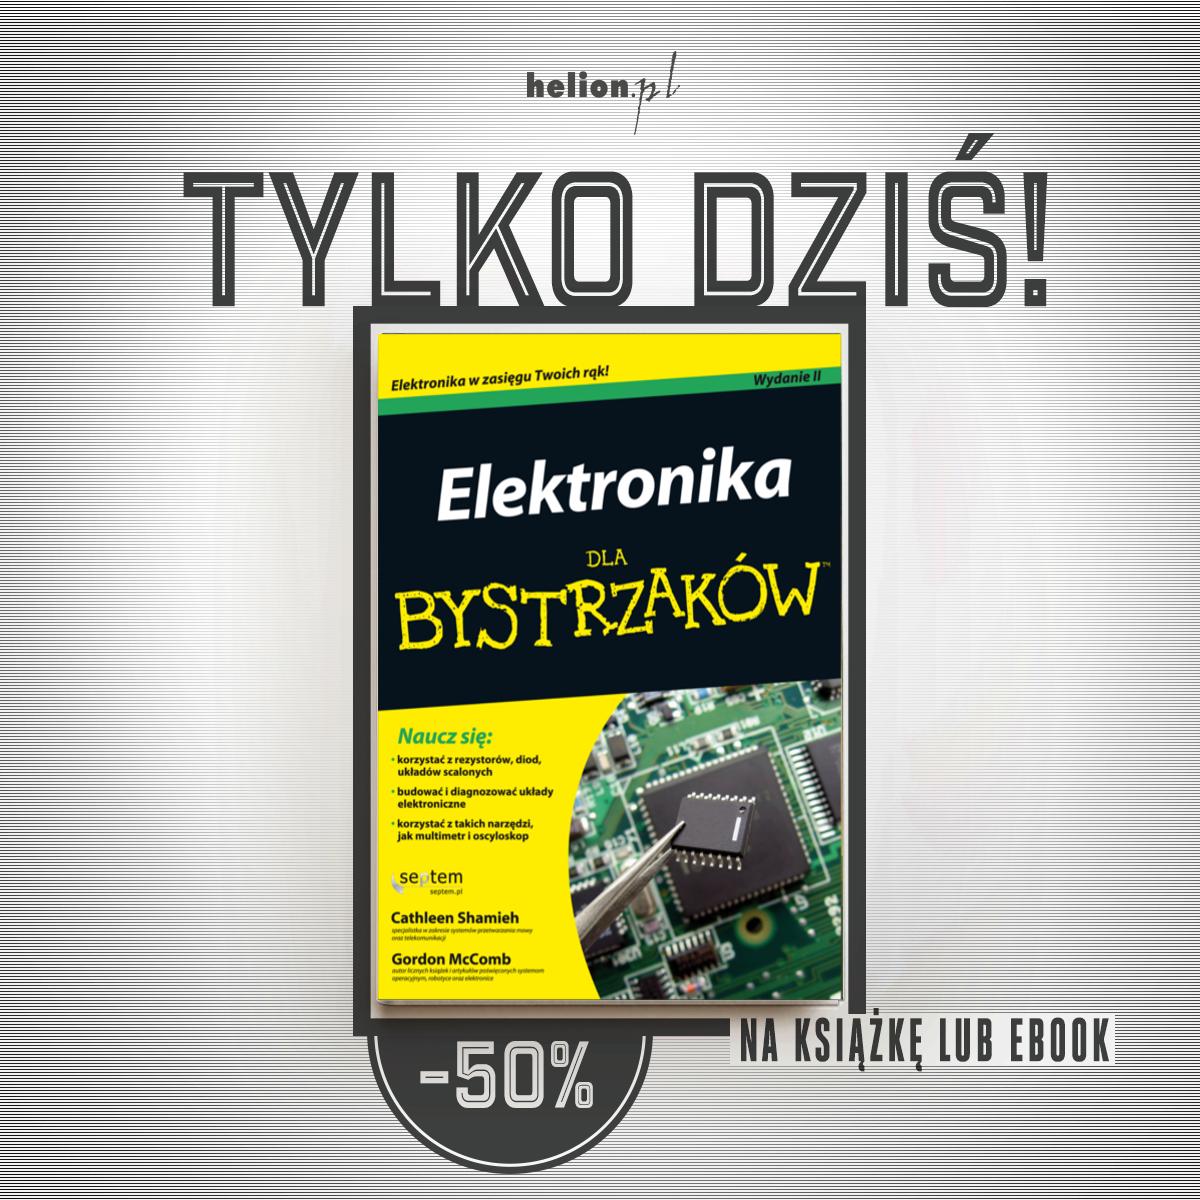 Tylko dzisiaj Elektronika dla bystrzaków 50% taniej @ Helion